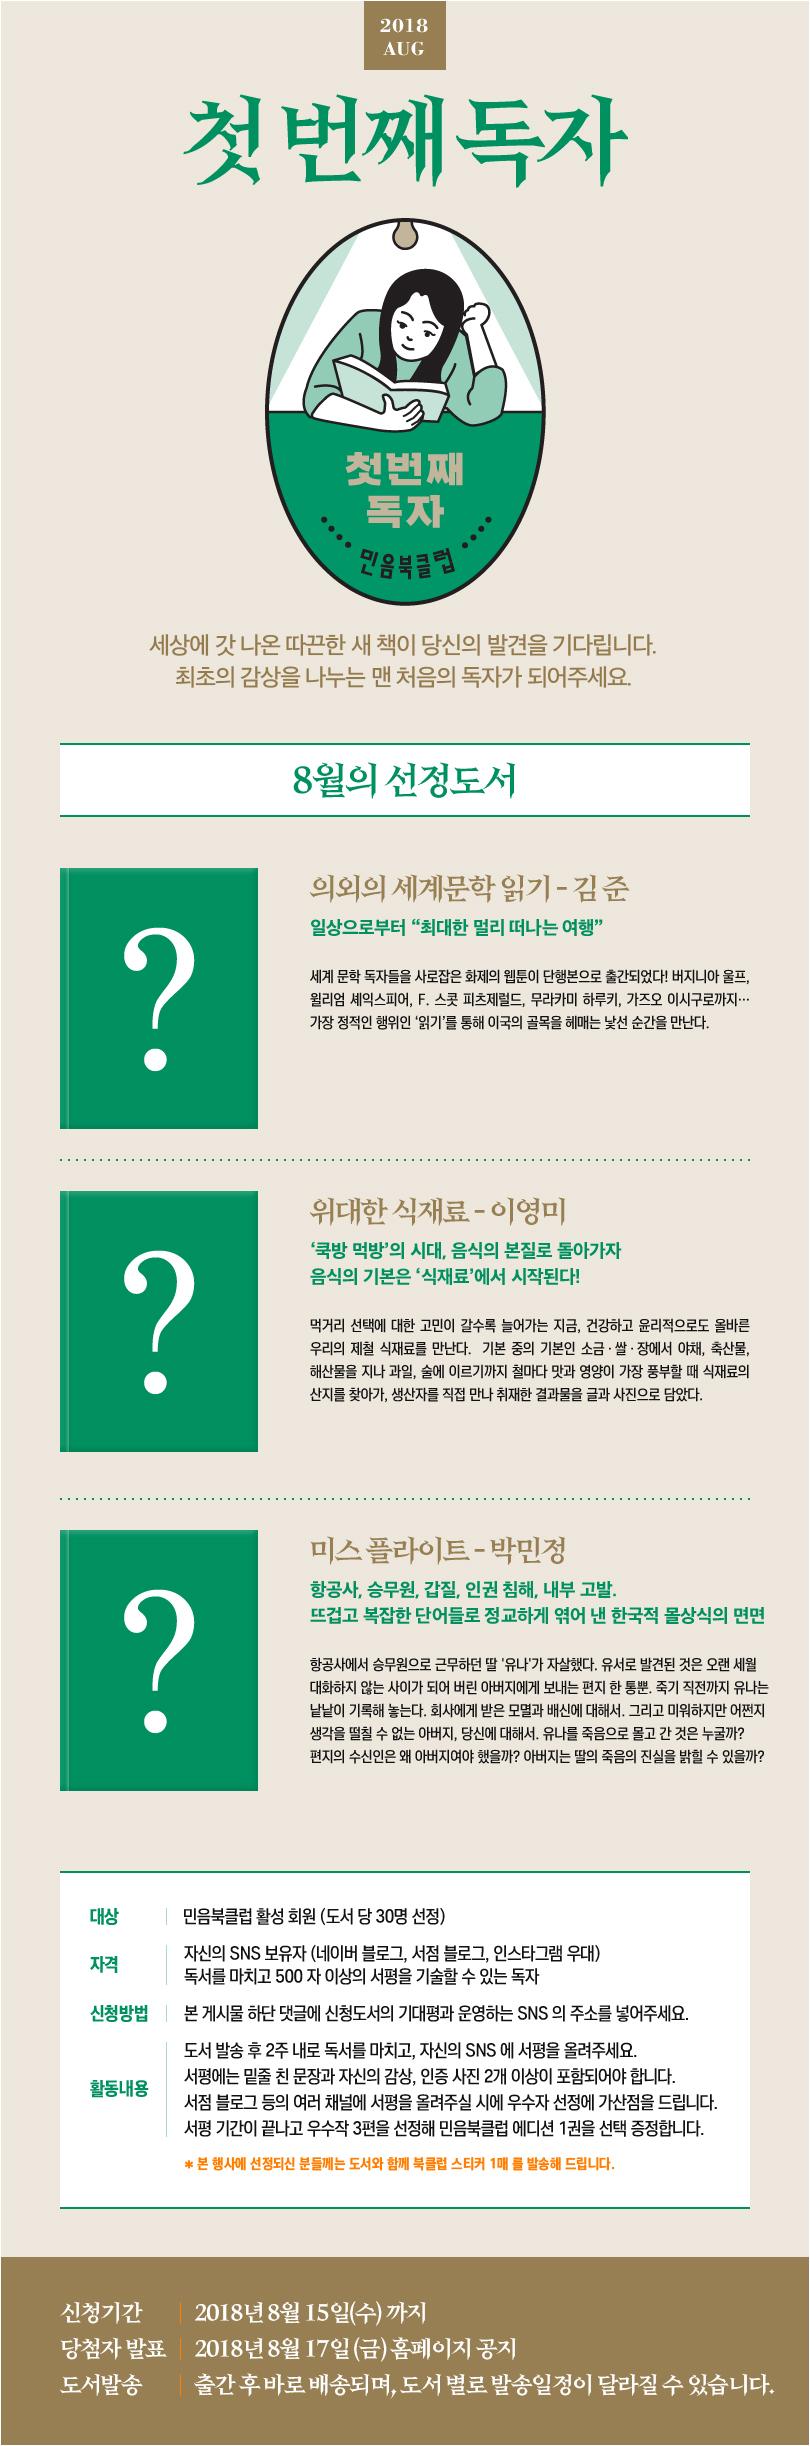 810_민음북클럽_첫번째독자 (3)